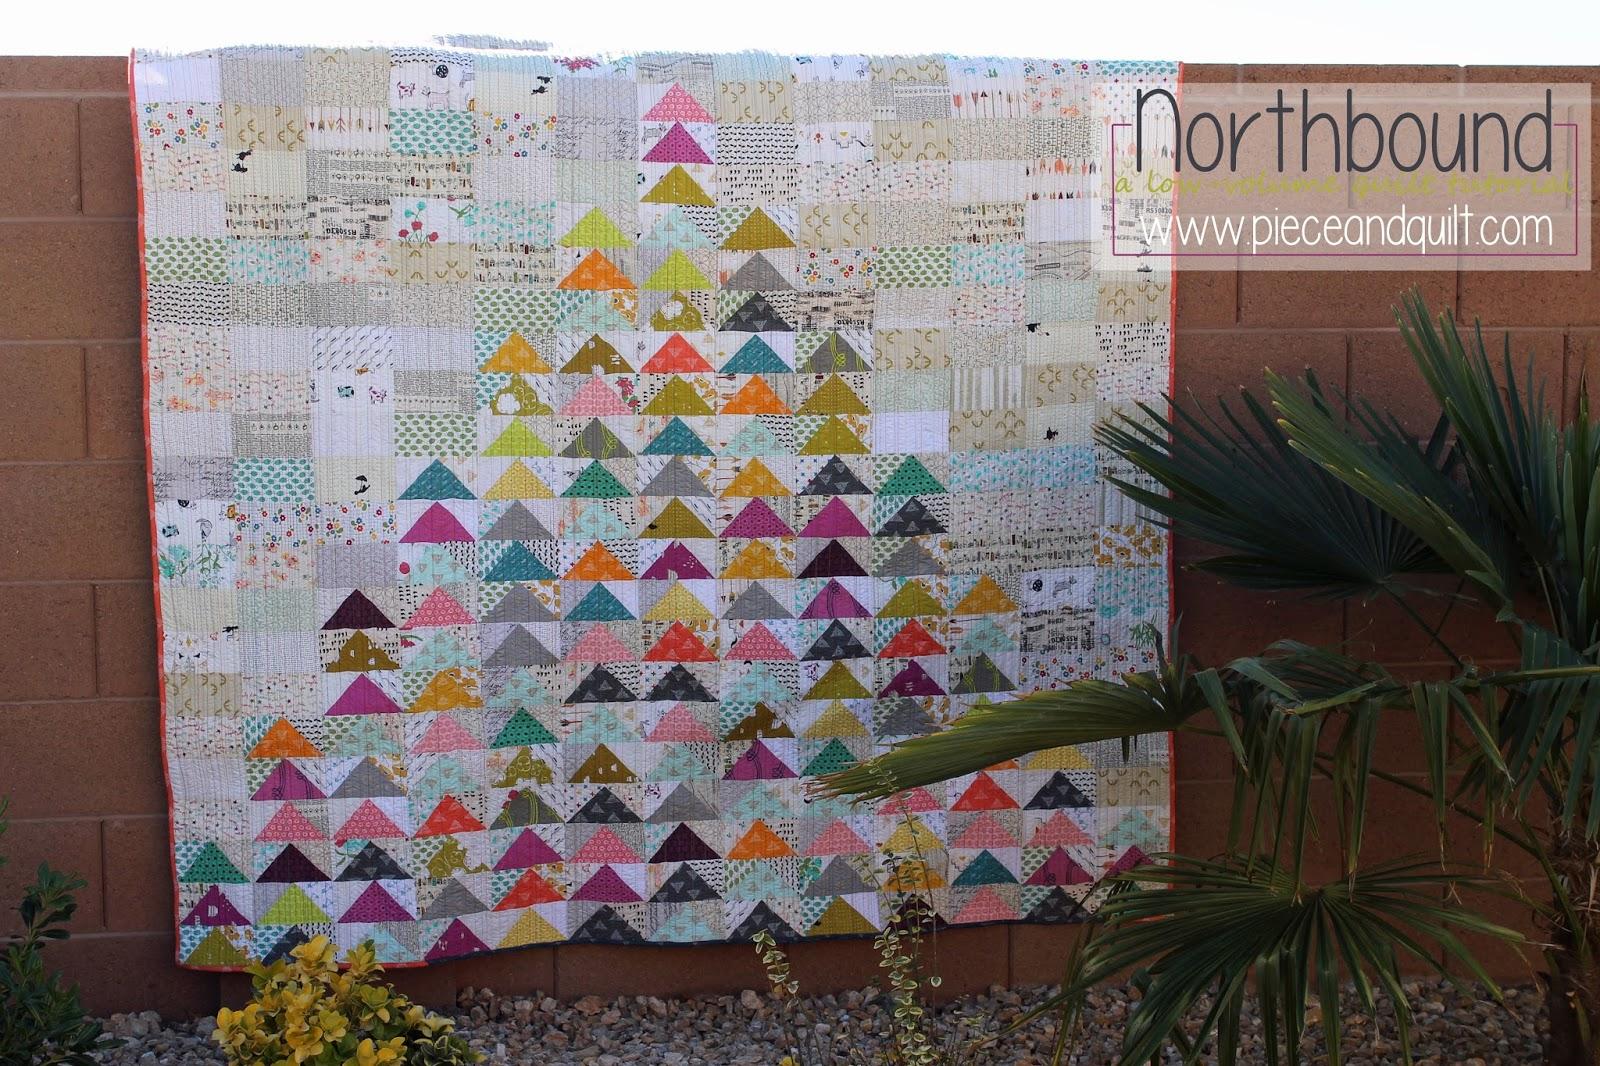 Piece N Quilt: Northbound - A Low-Volume Quilt Tutorial : modern quilt tutorial - Adamdwight.com